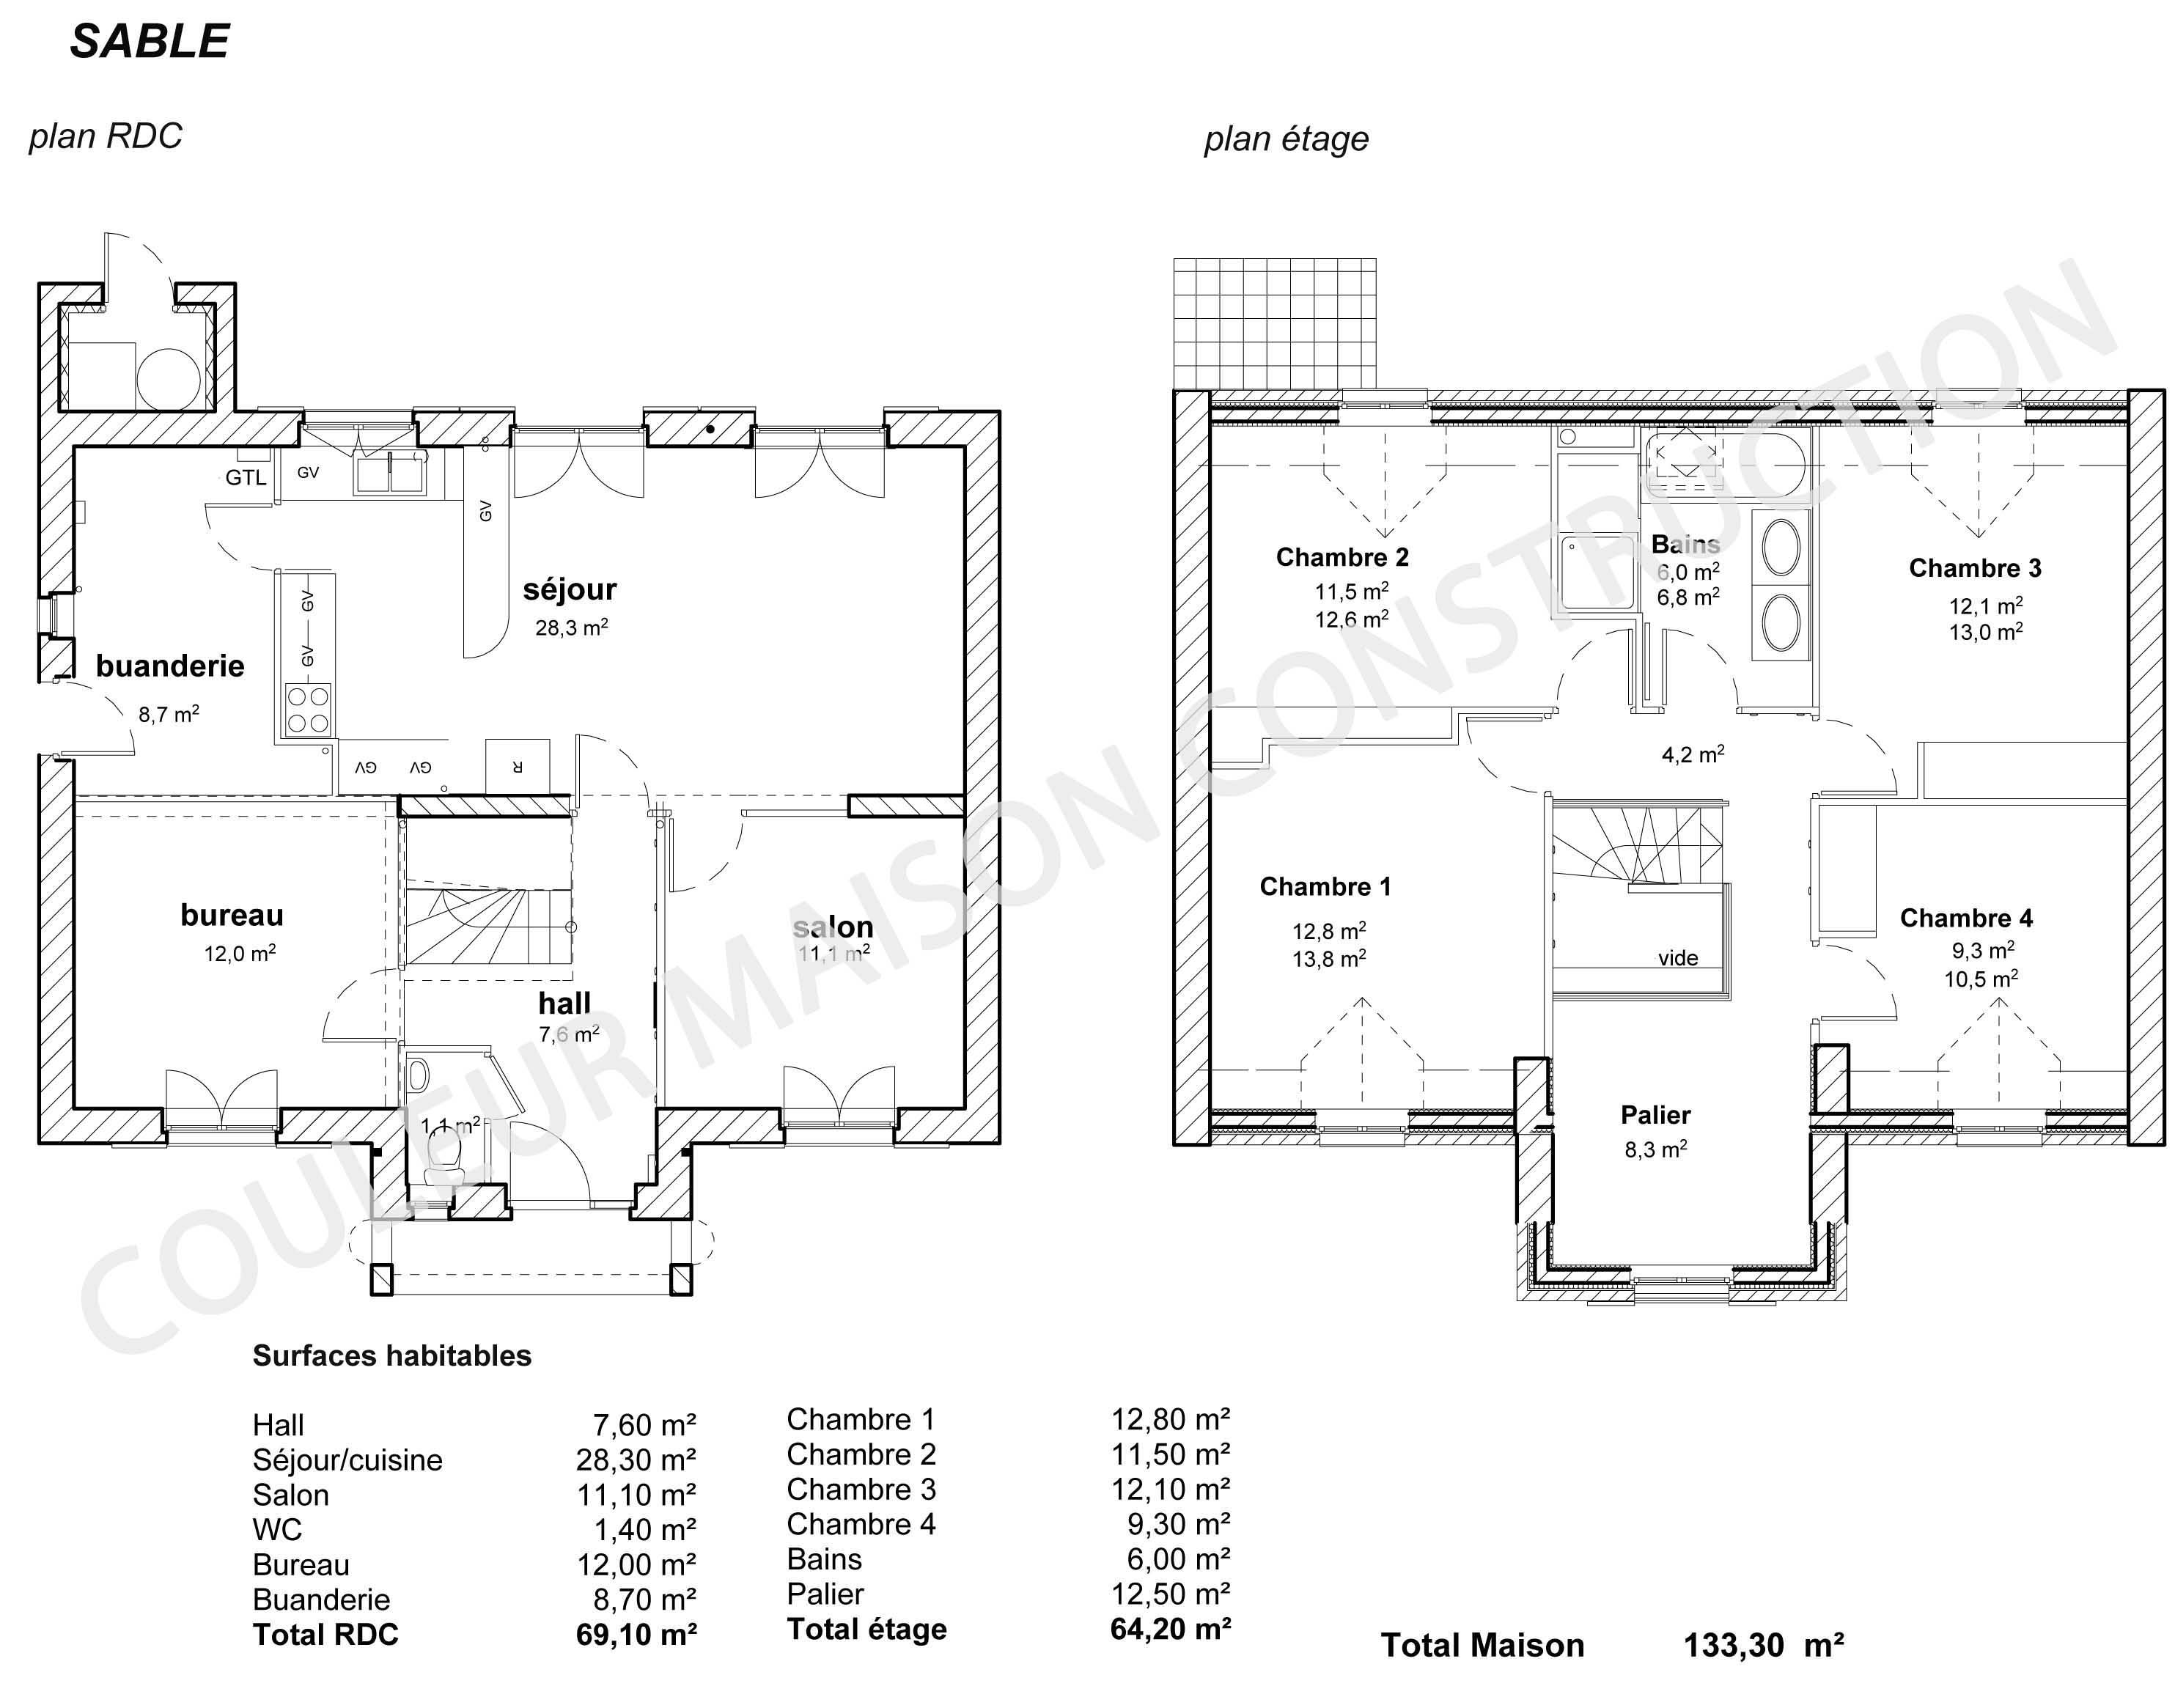 Couleur maison construction le plan de maison de notre modele sable for Plan interieur de maison cubique